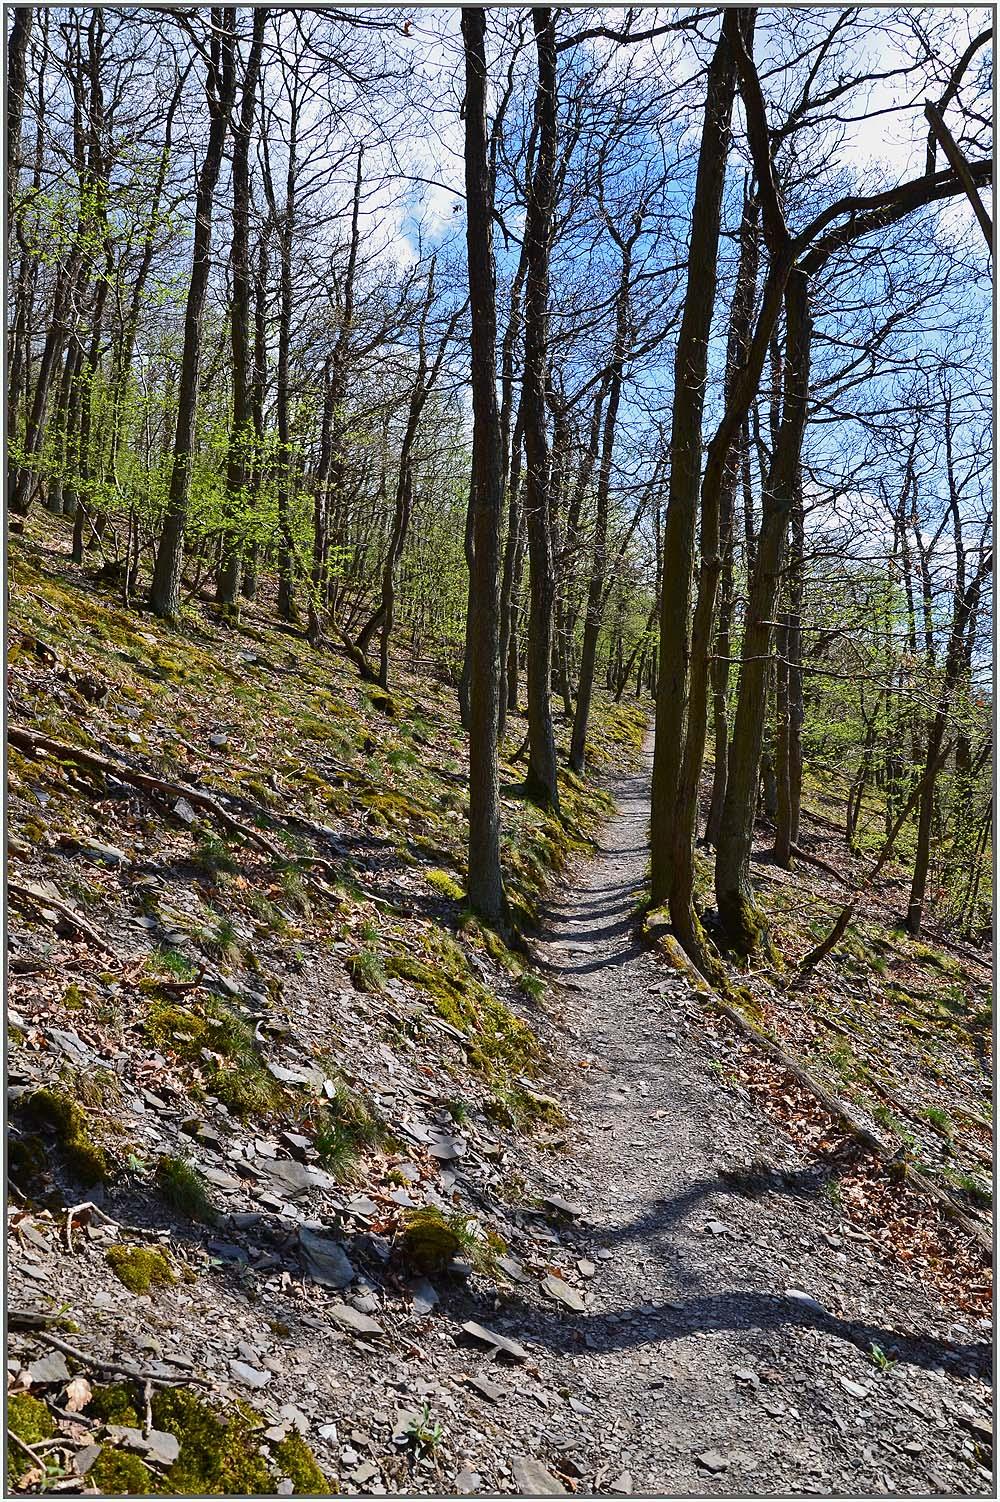 Auf schmalen Pfaden geht es durch den noch lichten Wald hinauf